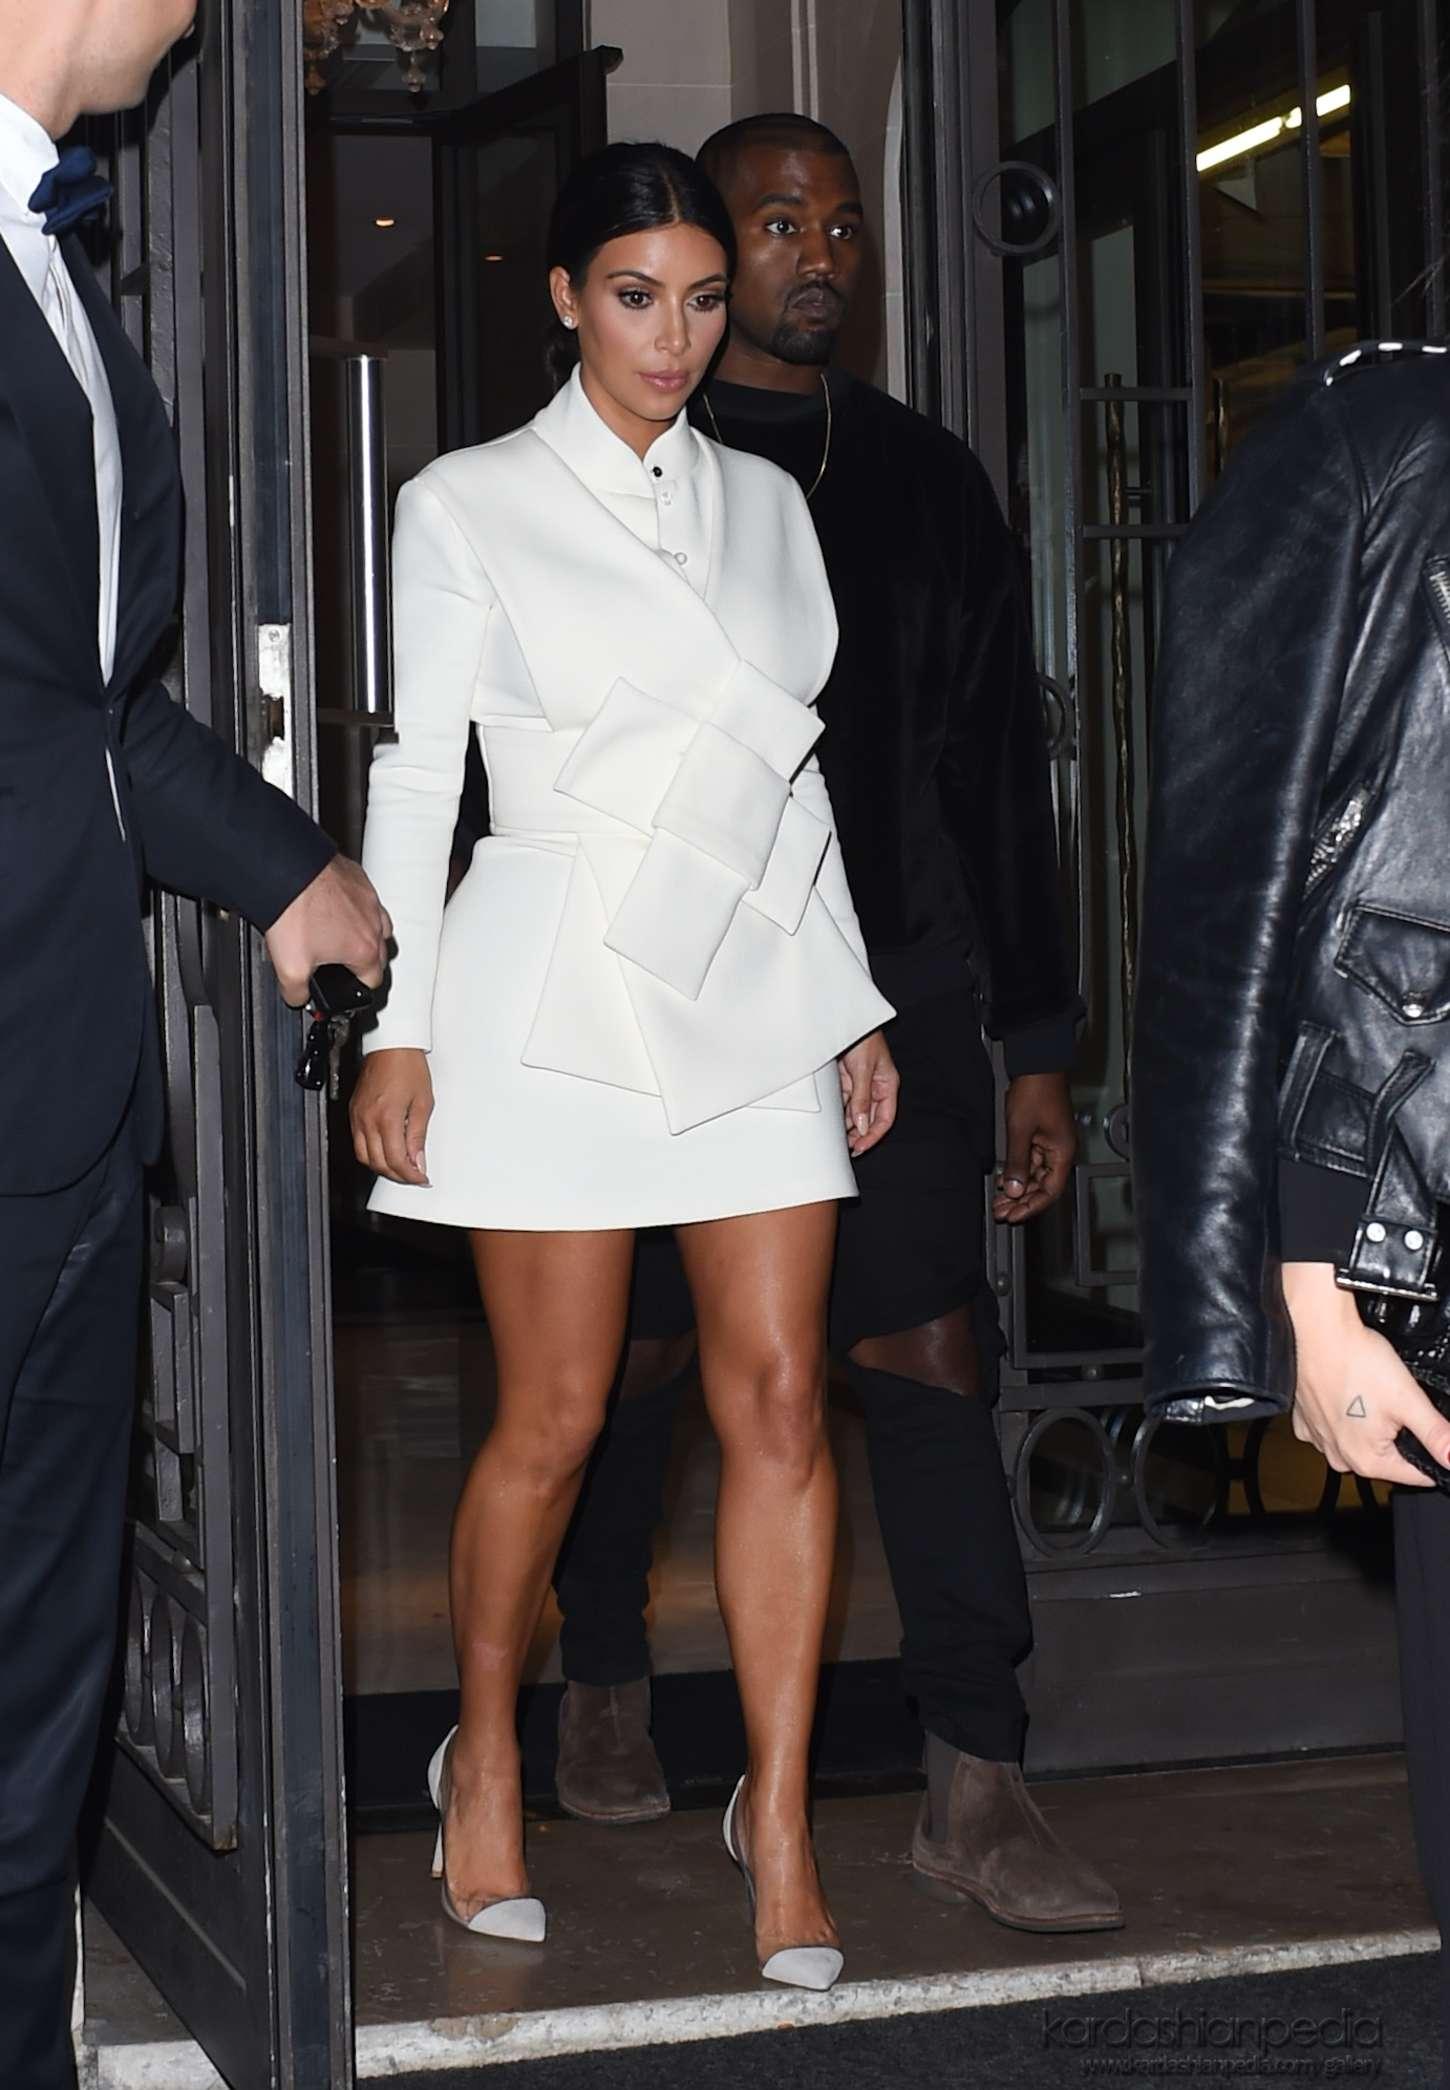 Kim Kardashian In White Dress At Paris Fashion Week 2014 15 Gotceleb